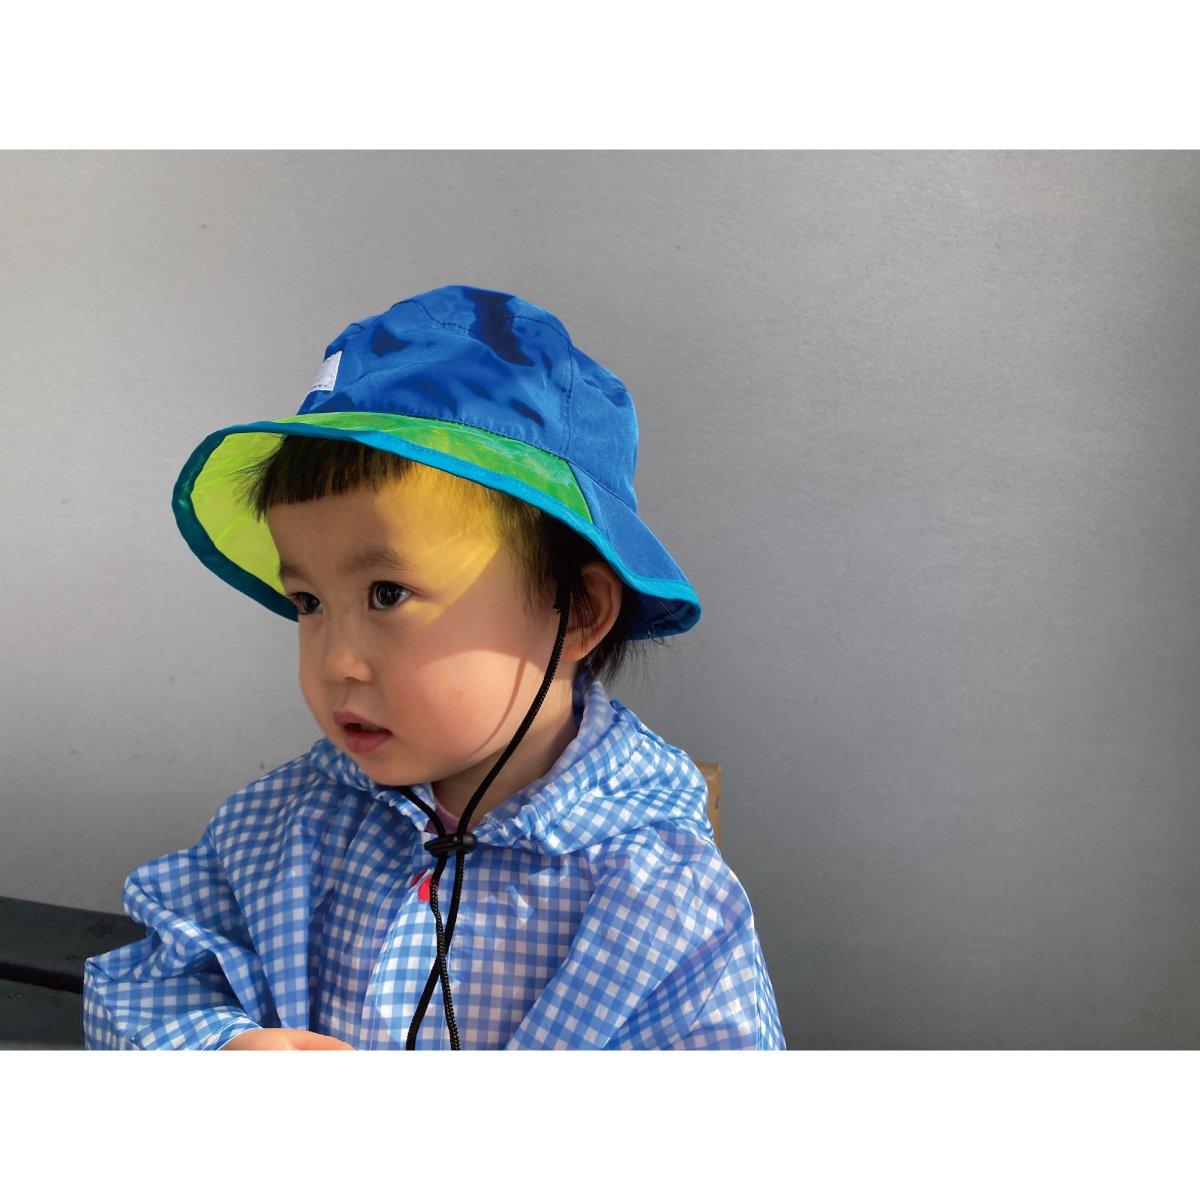 【KIDS】Rain PVC Hat 詳細画像25